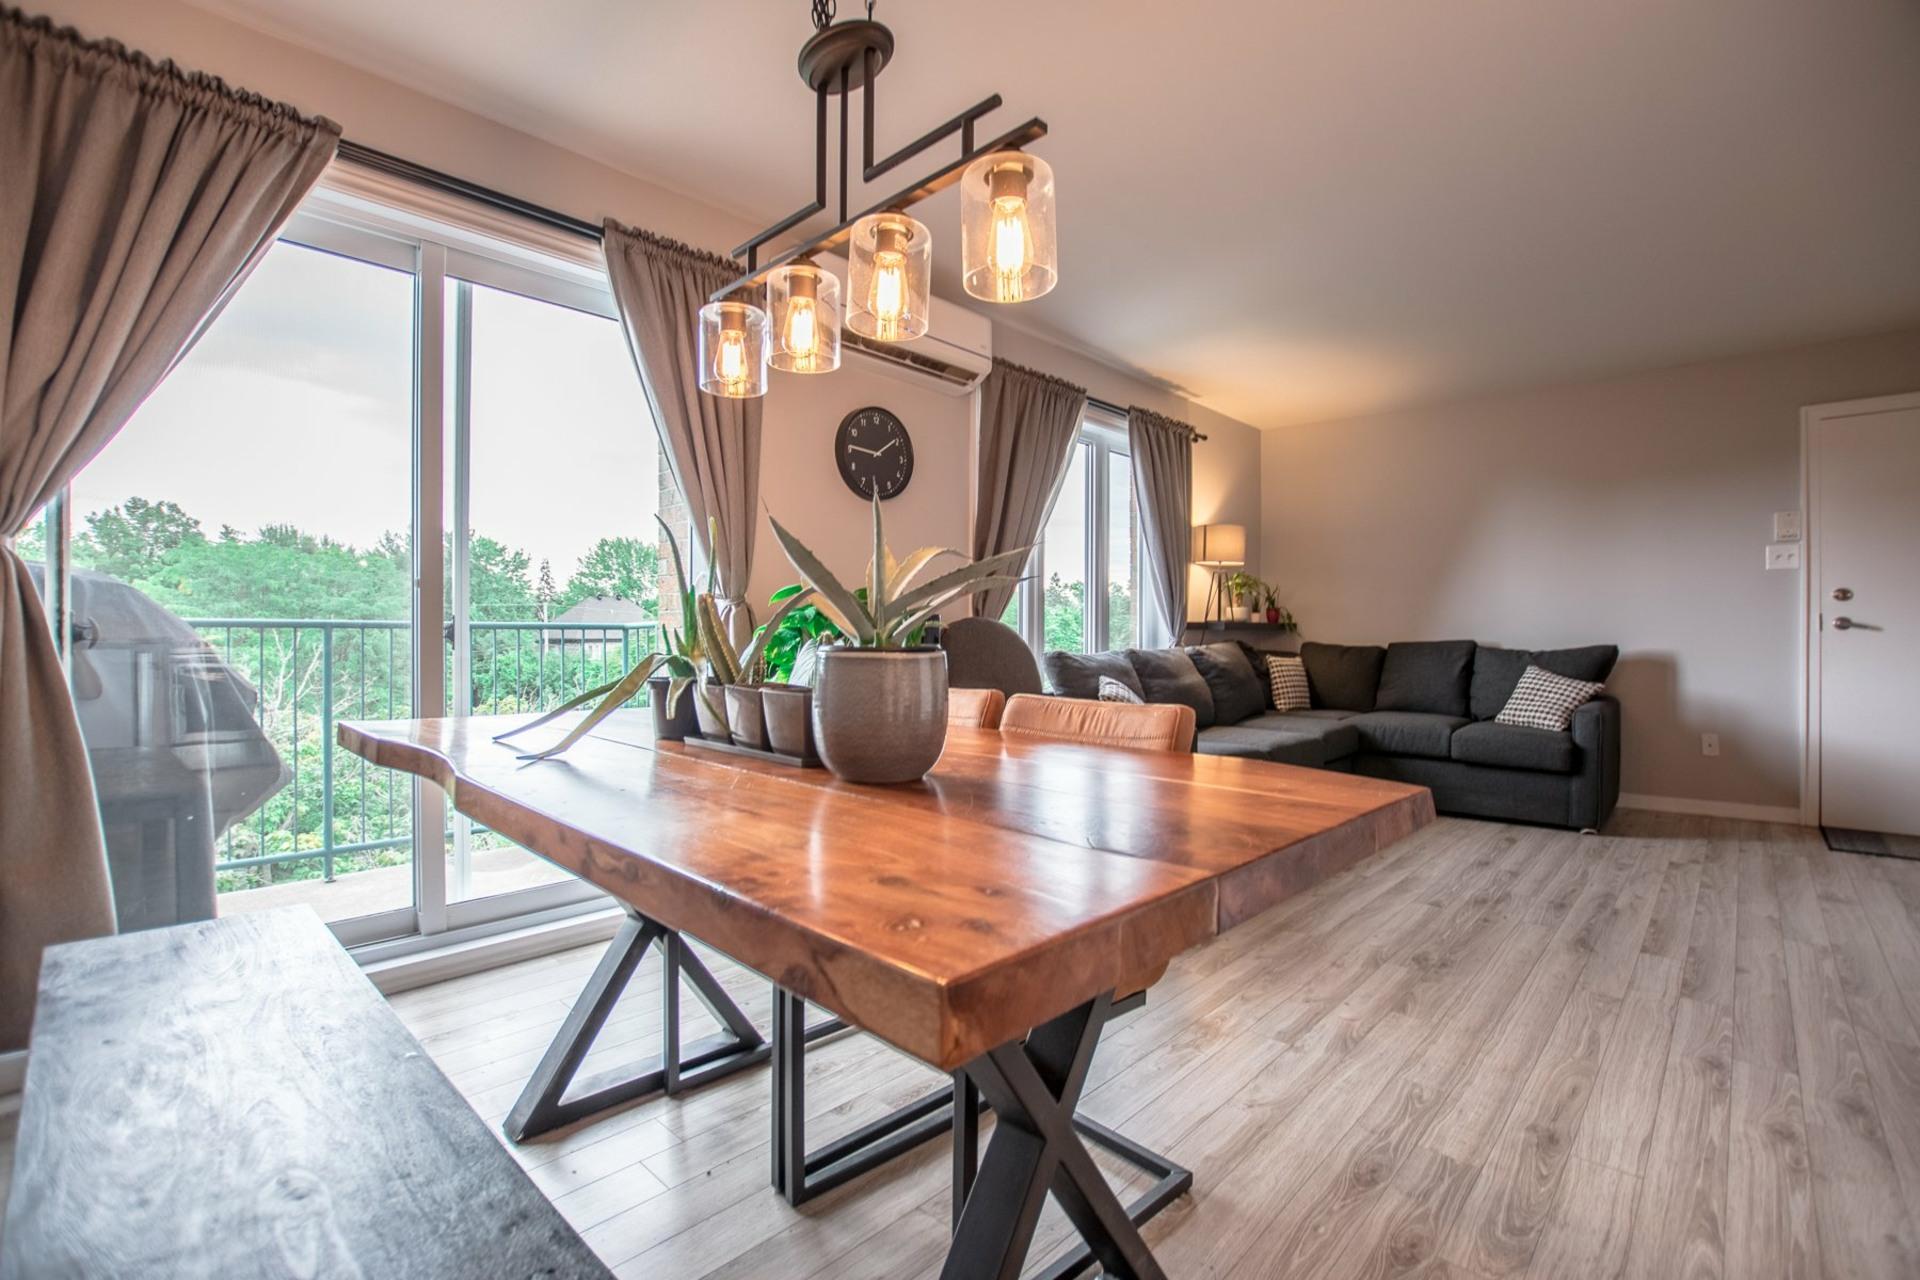 image 3 - Appartement À vendre Châteauguay - 5 pièces